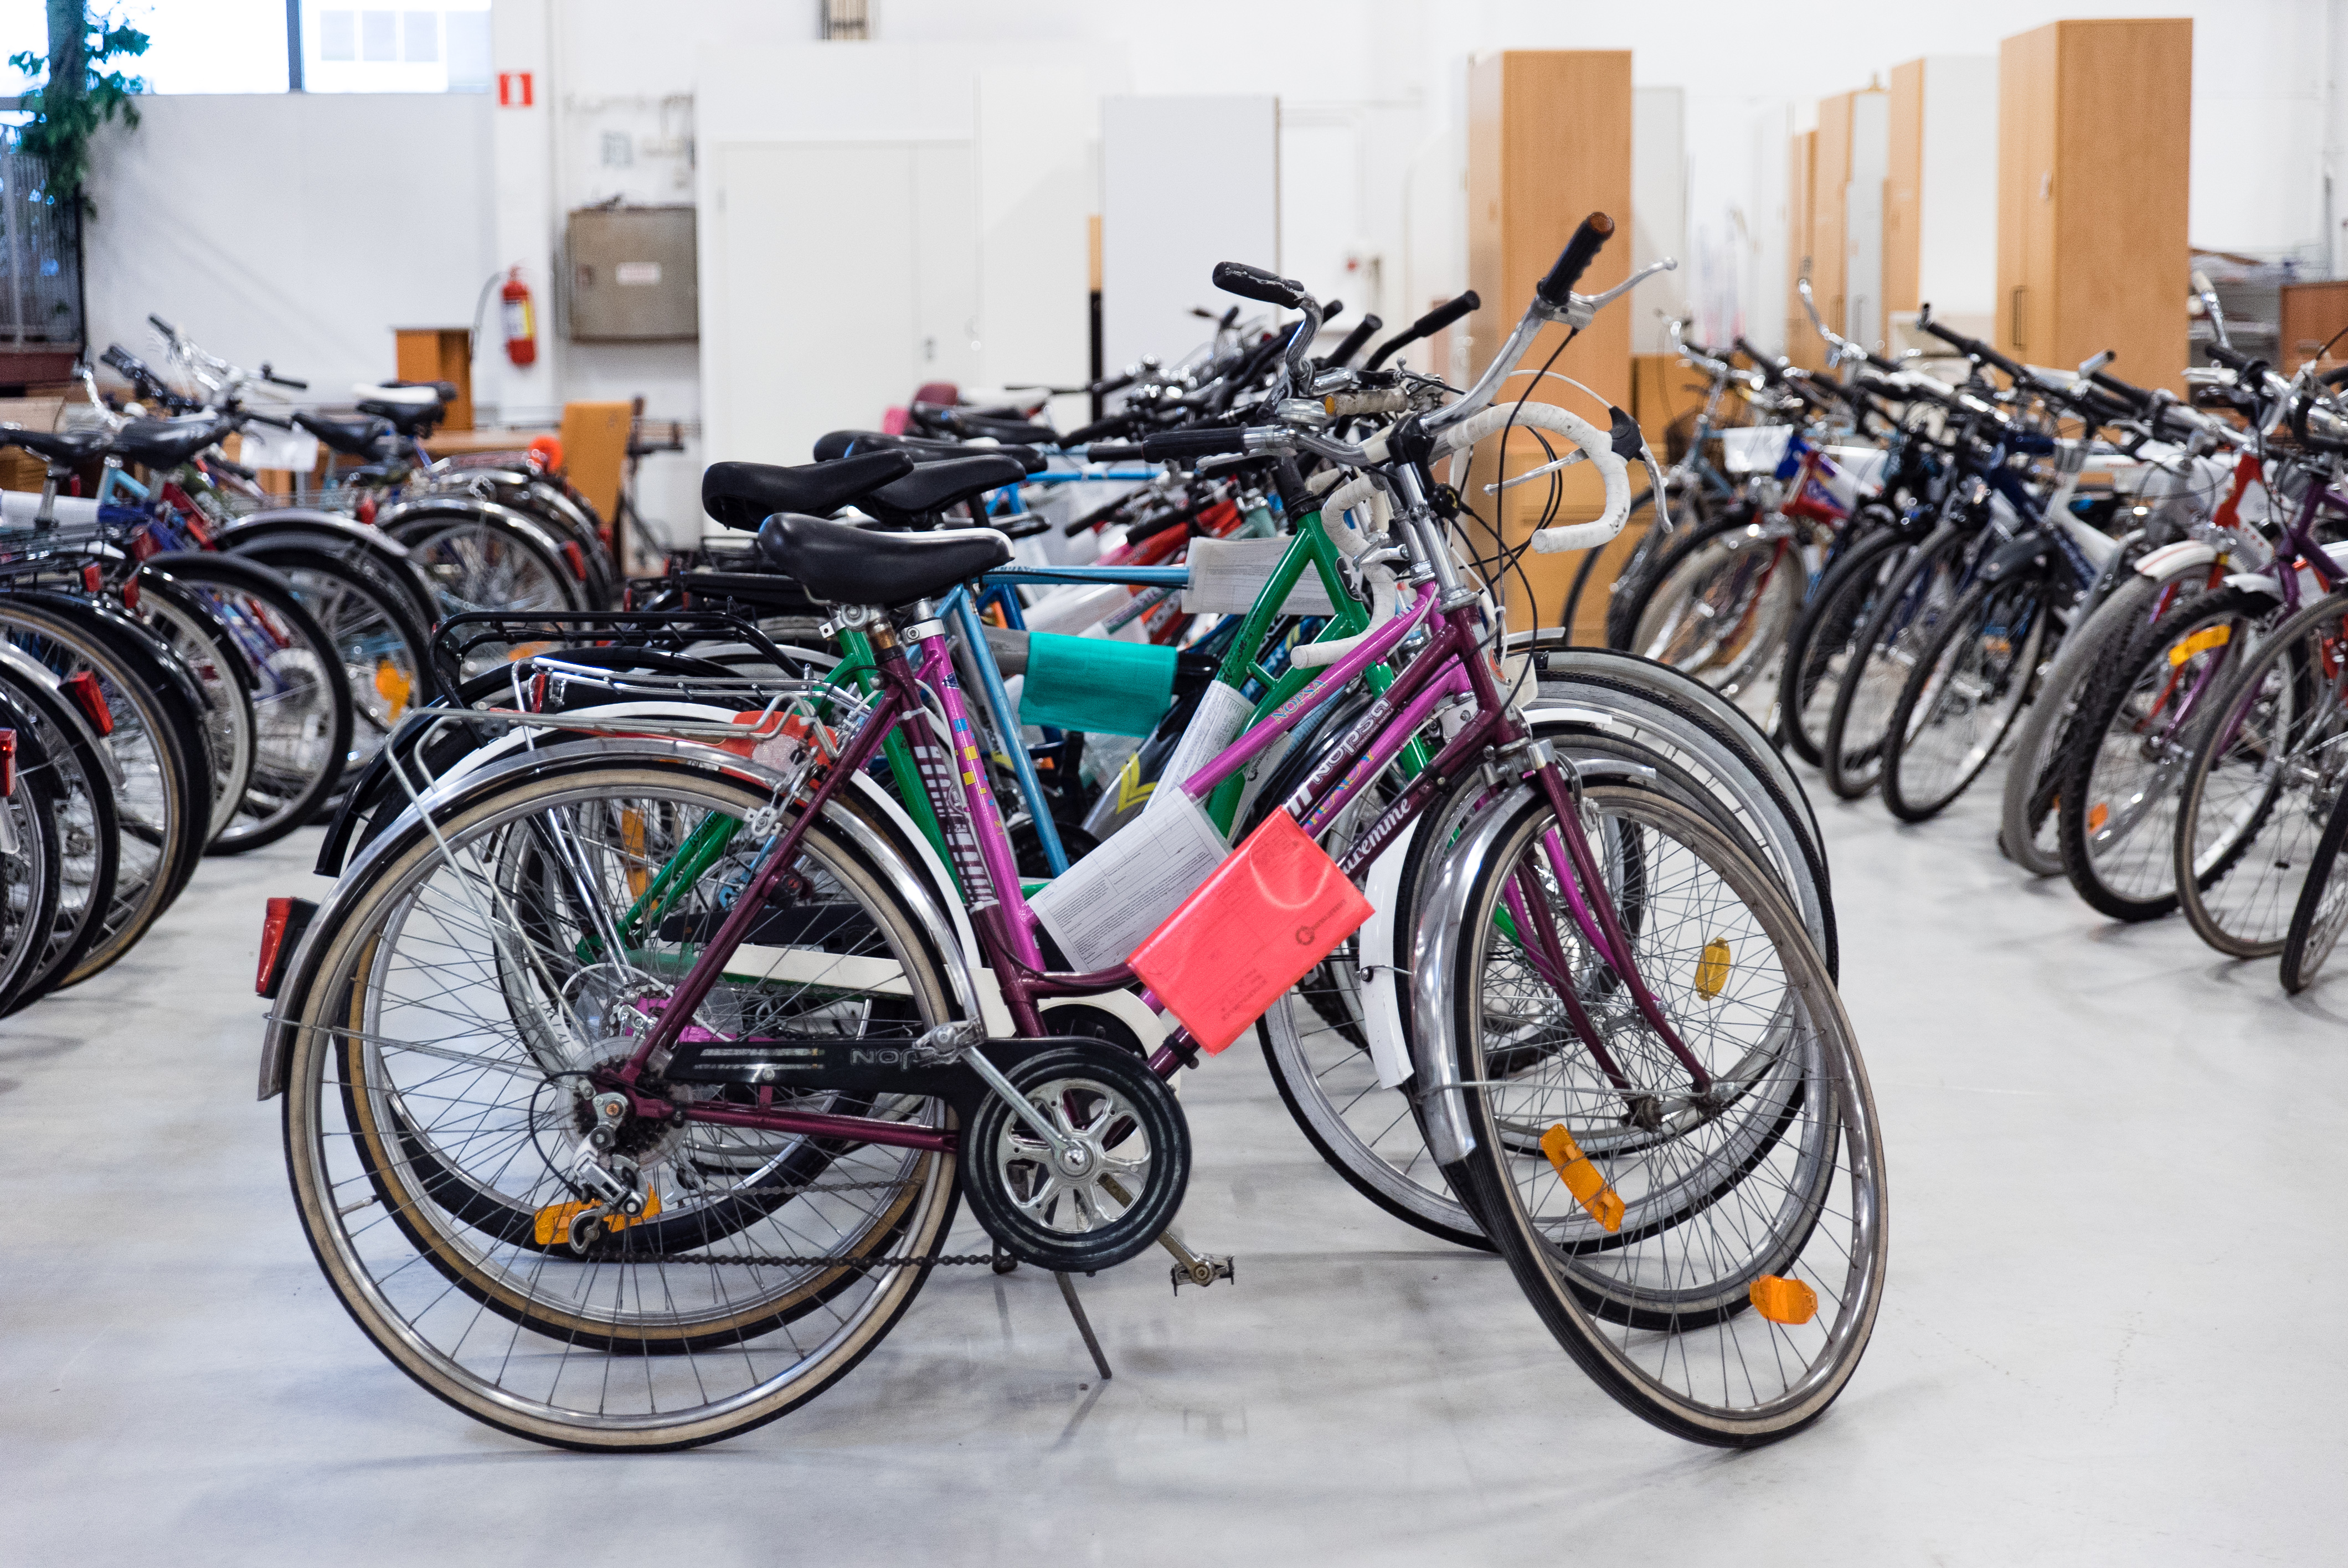 Jäpy. Wix Facebook page. tarkoituksena on pyöräilyn ja triathlonin edistäminen tarjoamalla positiivisia.